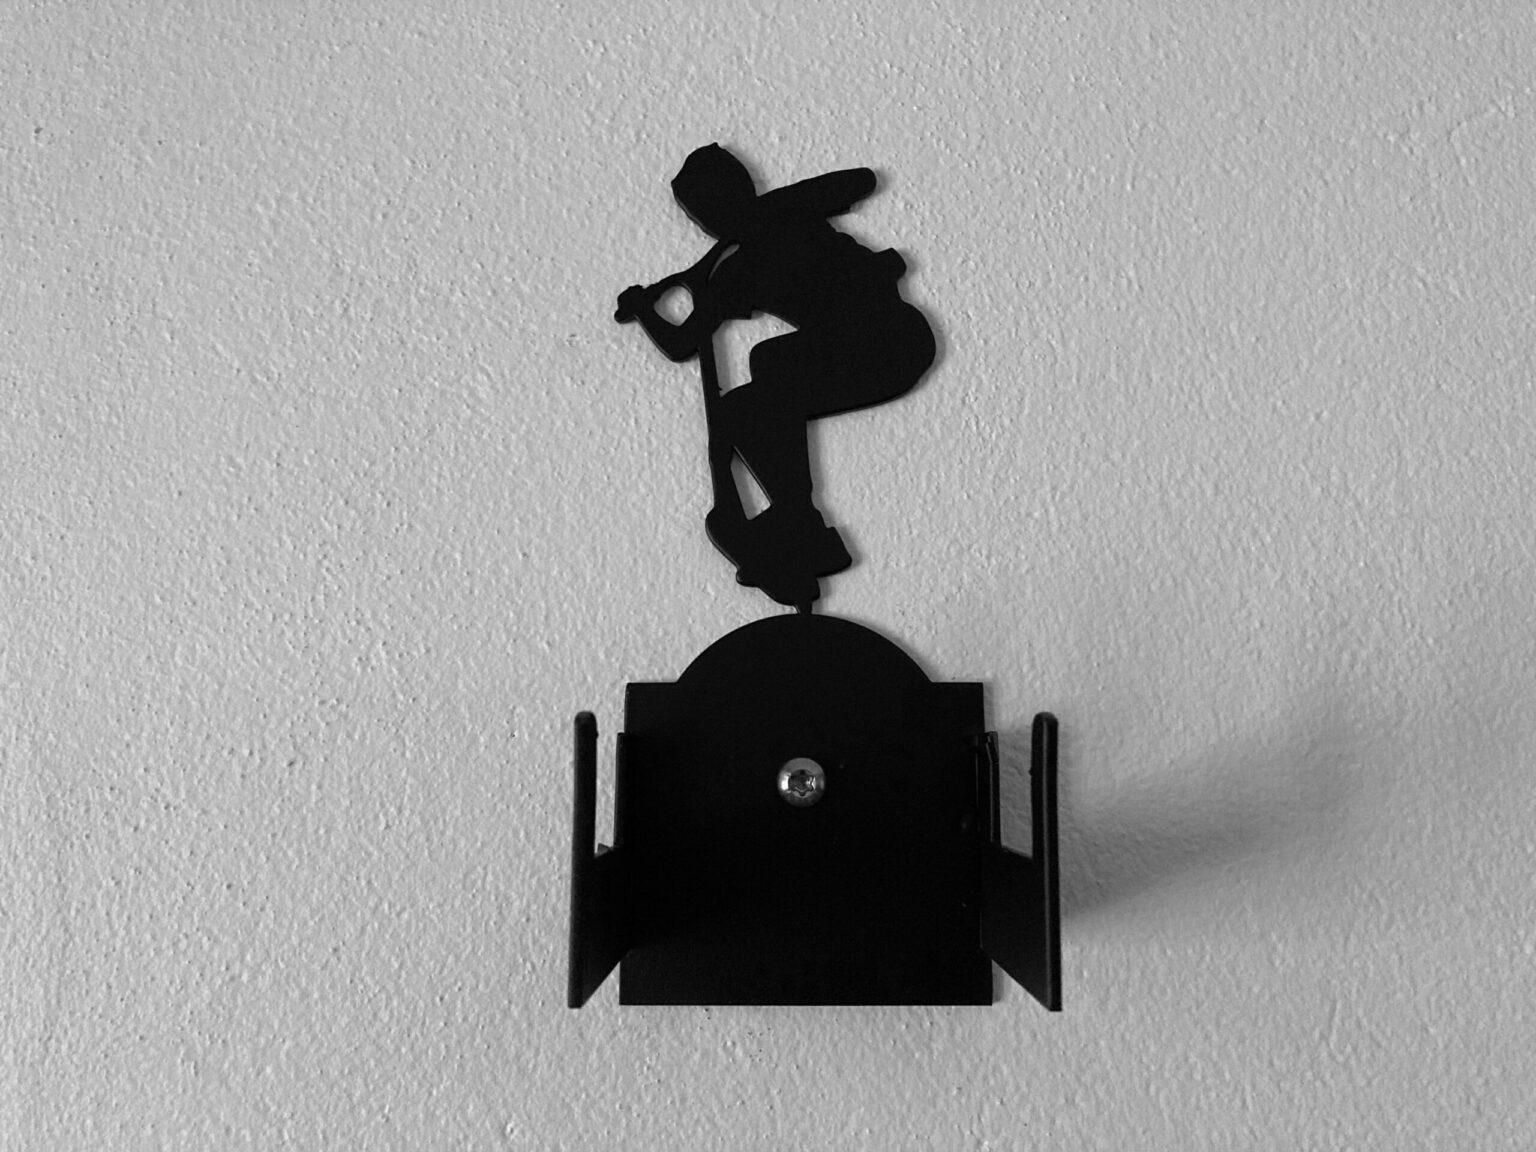 Vægbeslag til skateboard